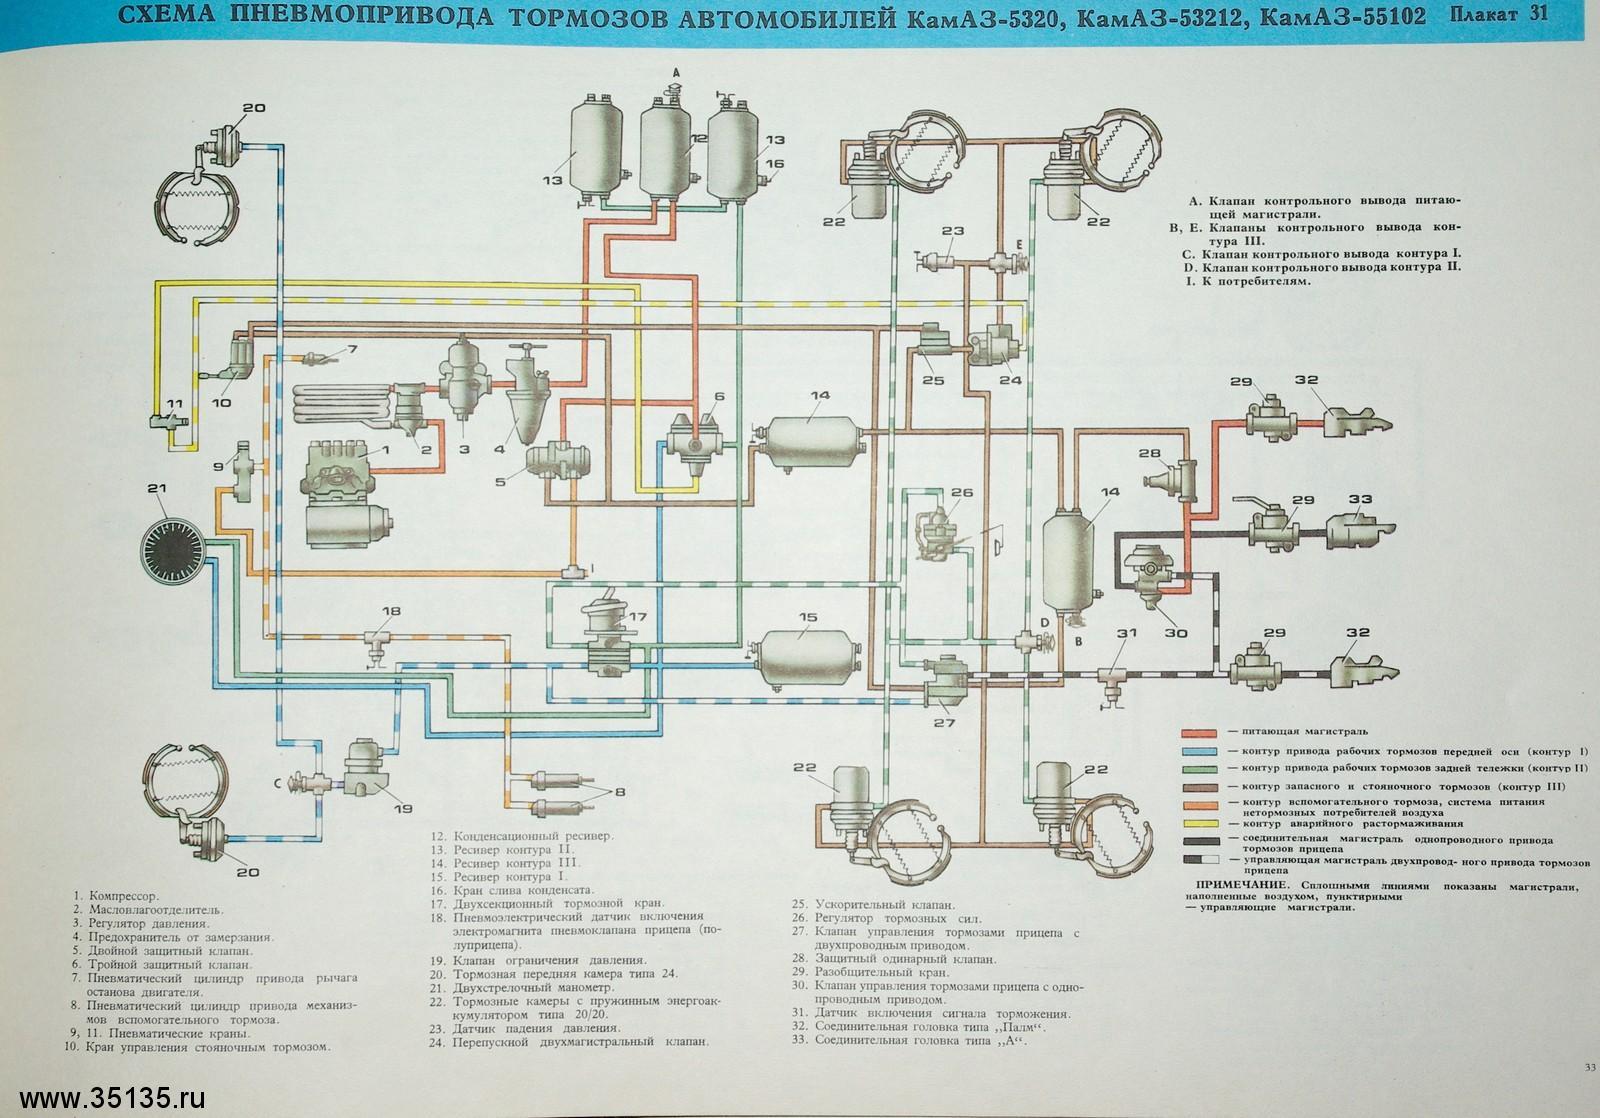 электрическая схема подключения тахометра и генератора аито Камаз